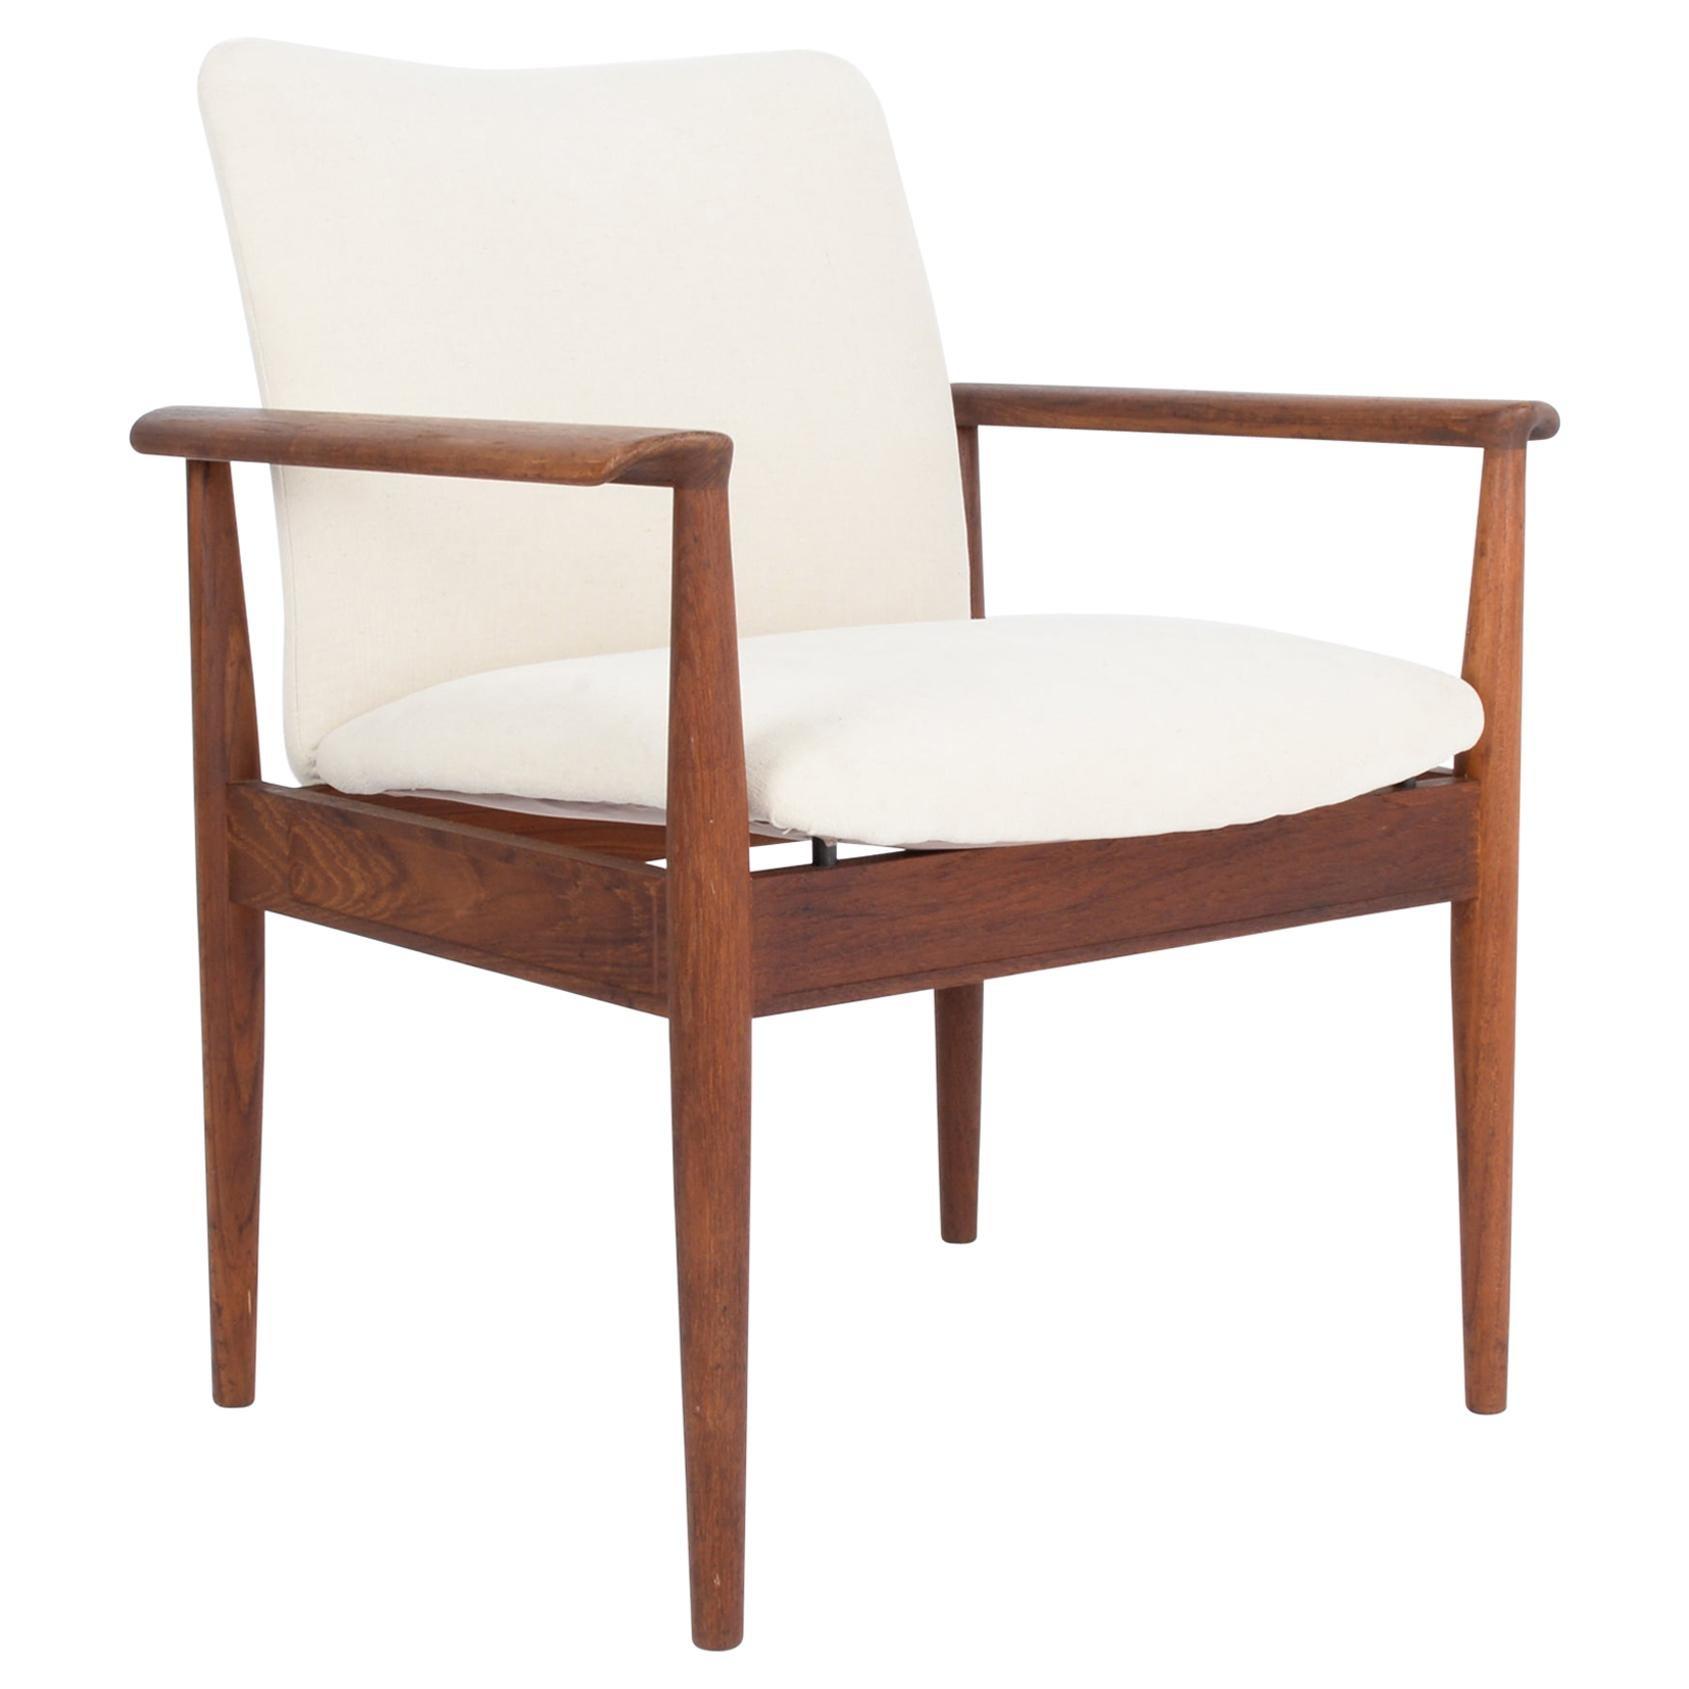 Midcentury Danish Modern Upholstered Armchair